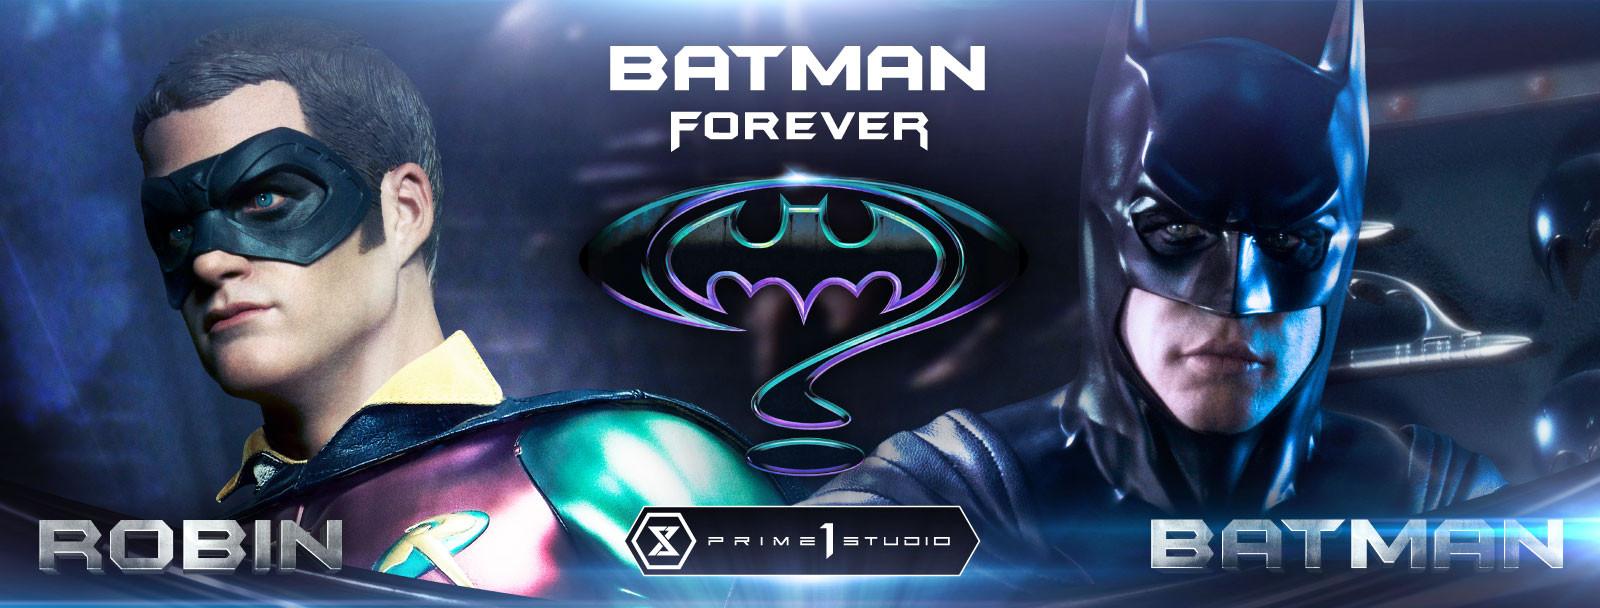 「バットマン フォーエヴァー ご購入割引キャンペーン」不具合解消のお知らせ